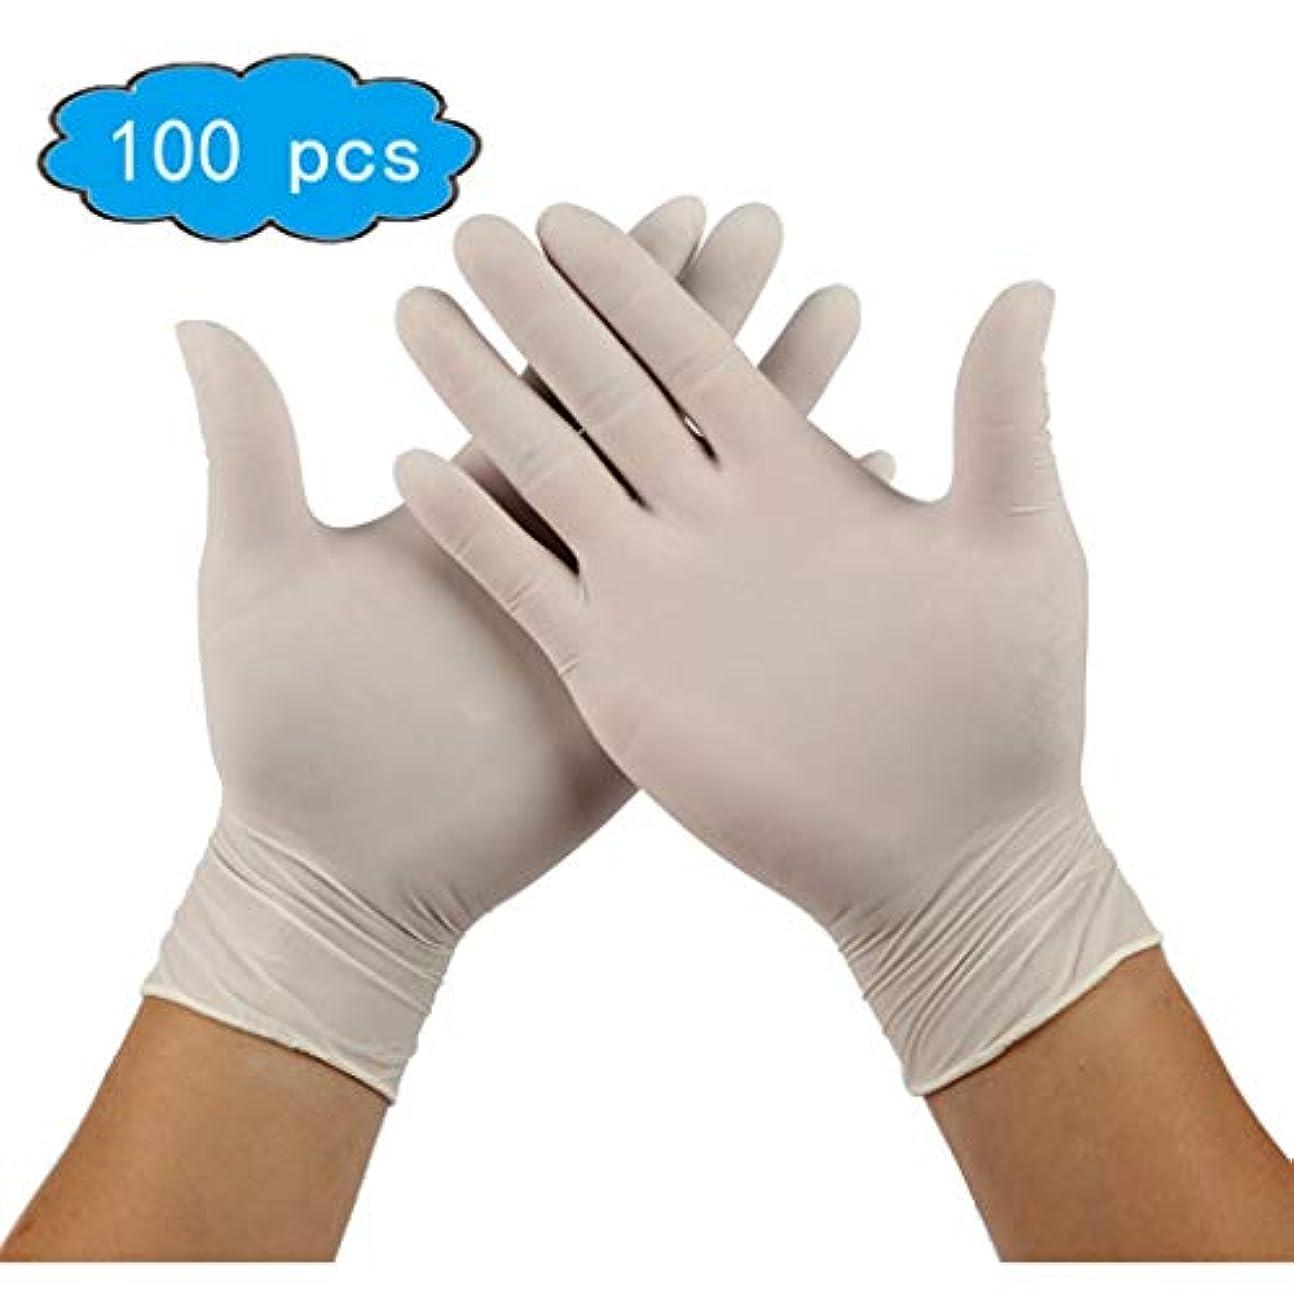 ゲートウェイ乞食制裁100 XS-XLサイズの使い捨てラテックス手袋、パウダーフリー、スムースタッチ、食品サービスグレード、使い捨て手袋食品 (Color : White, Size : L)